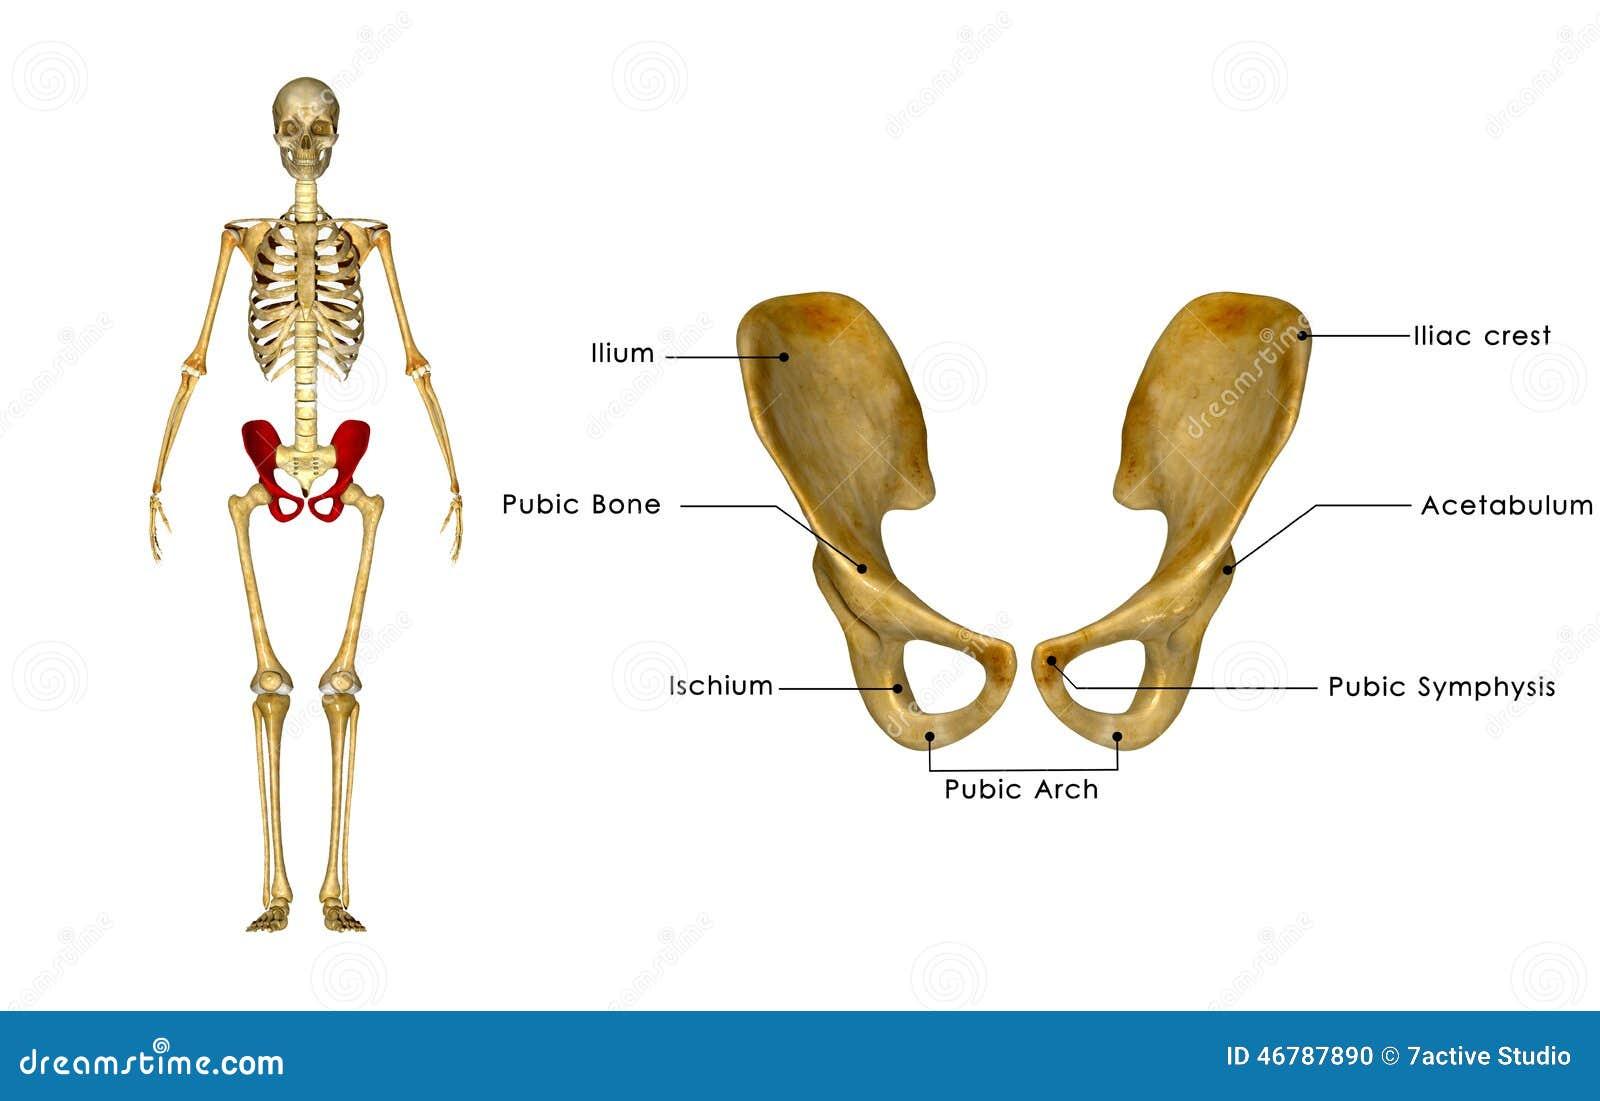 Fantastisch Skelett Hüfte Zeitgenössisch - Anatomie Und Physiologie ...